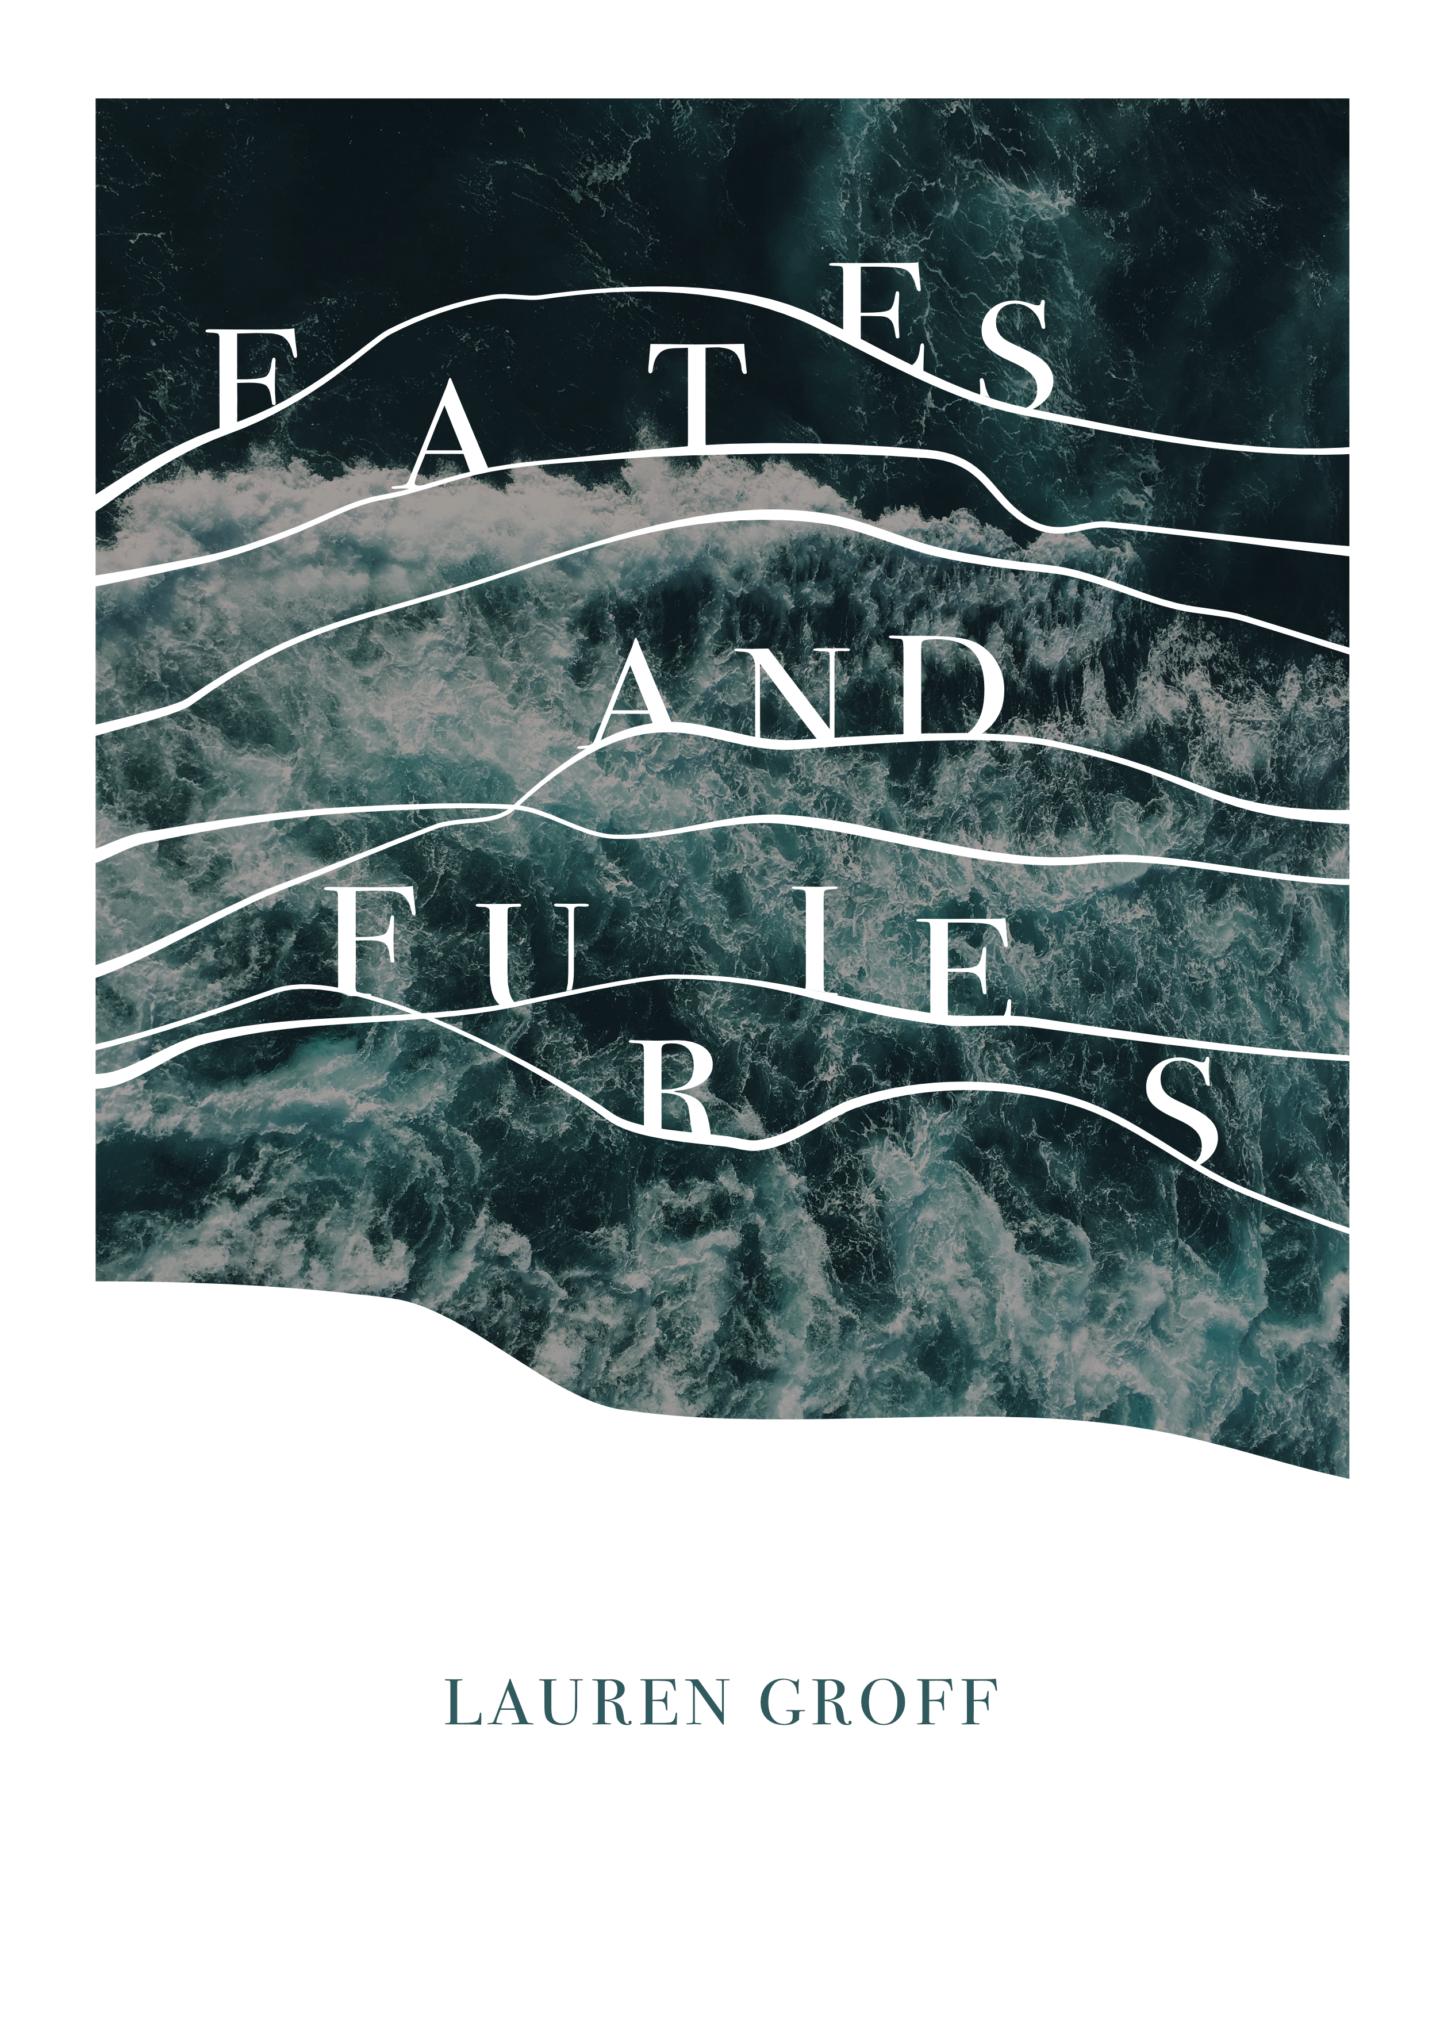 Book Club Fates Furies Books Lauren Groff